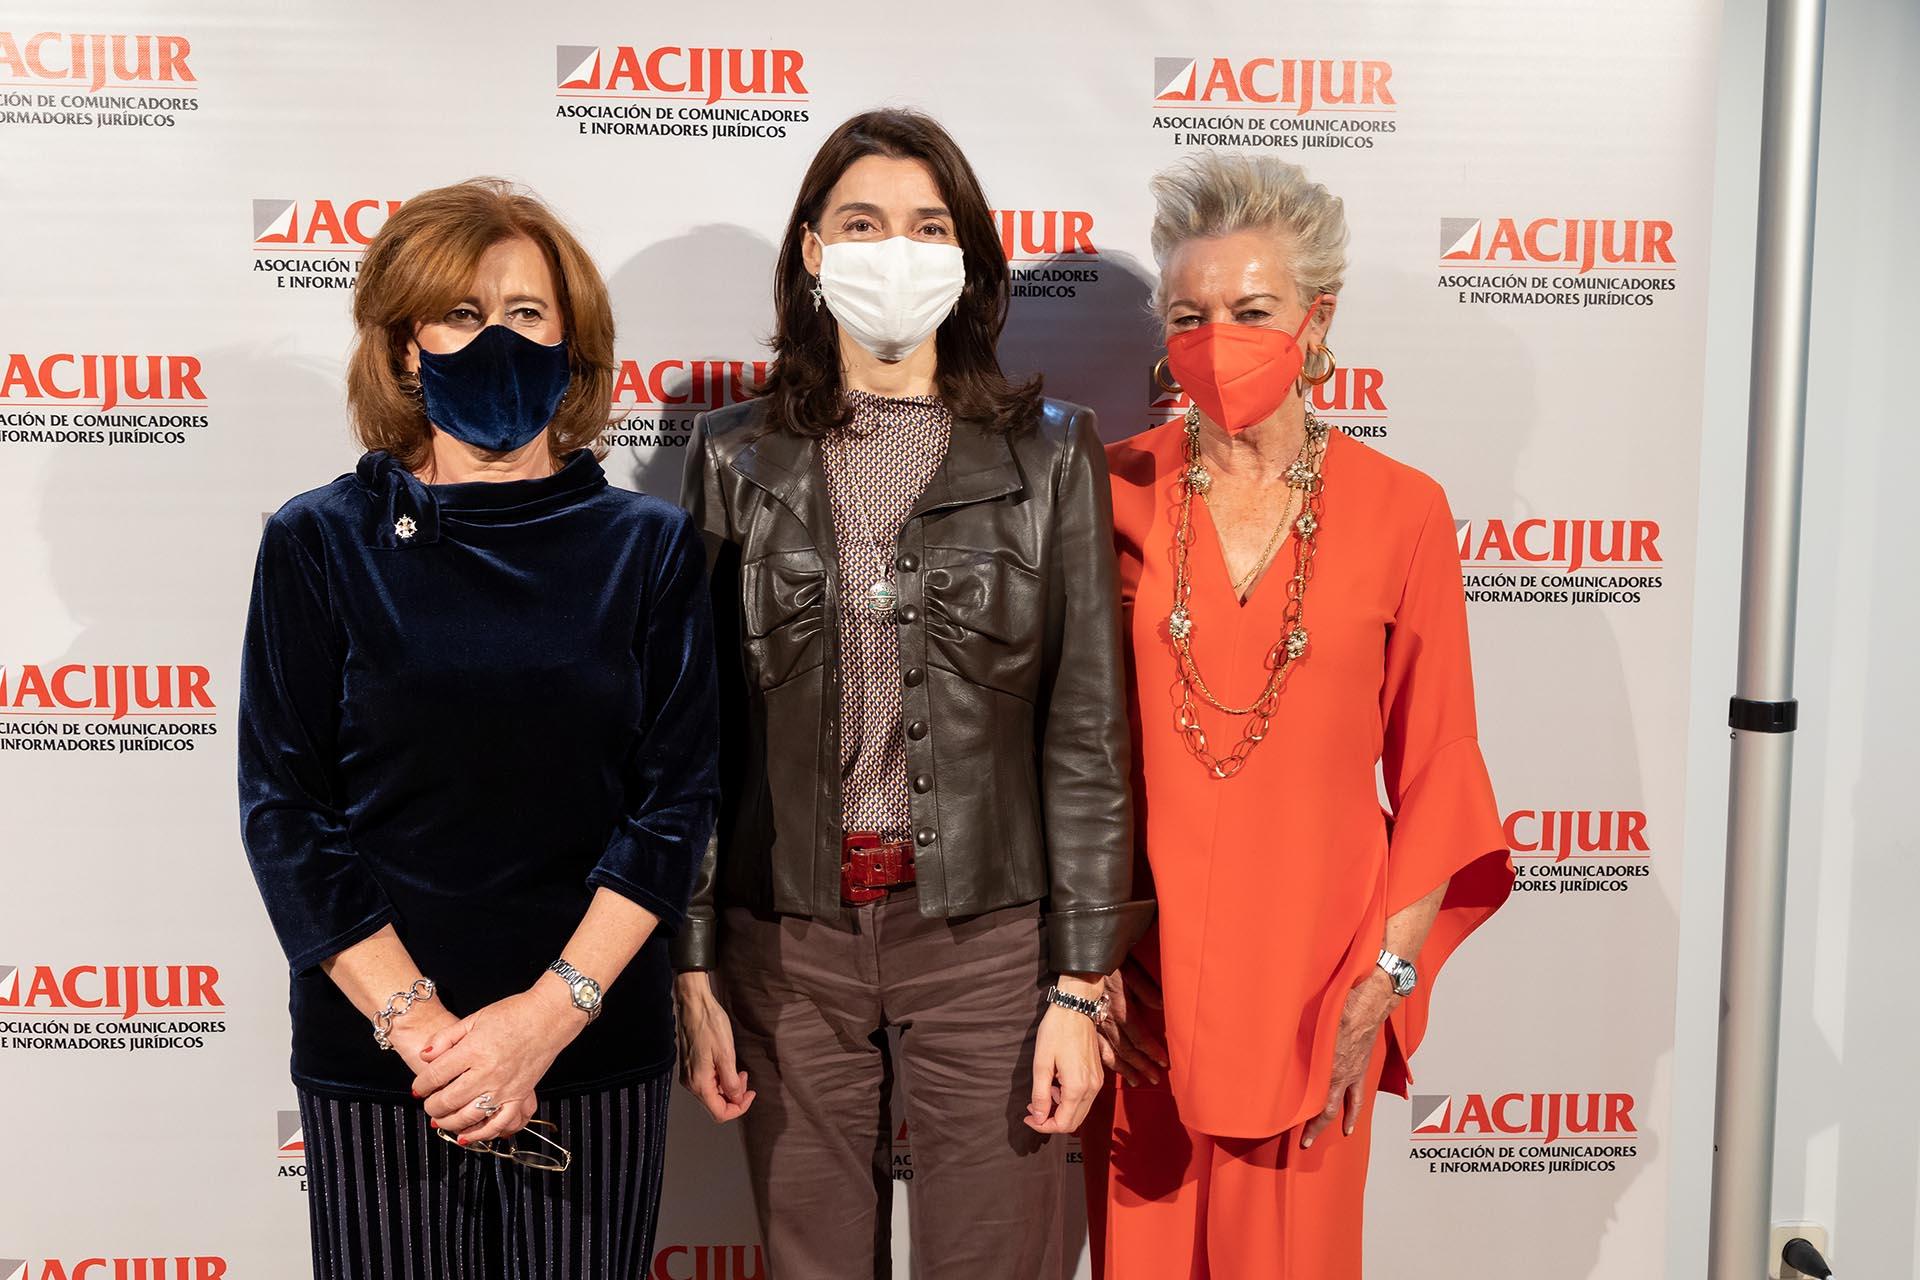 Patricia Rosety, presidenta de ACIJUR, con Pilar Llop, ministra de Justicia, y María Luisa Segoviano, premio Puñetas de Oro.